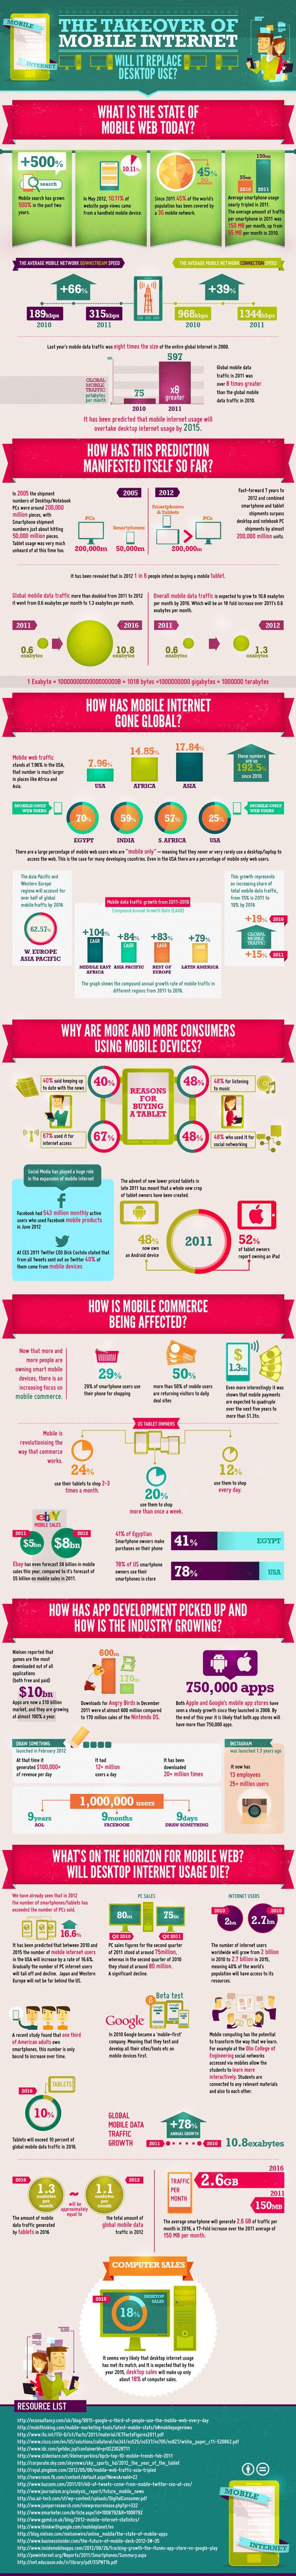 [Infographic] Neem het mobiele web het over?